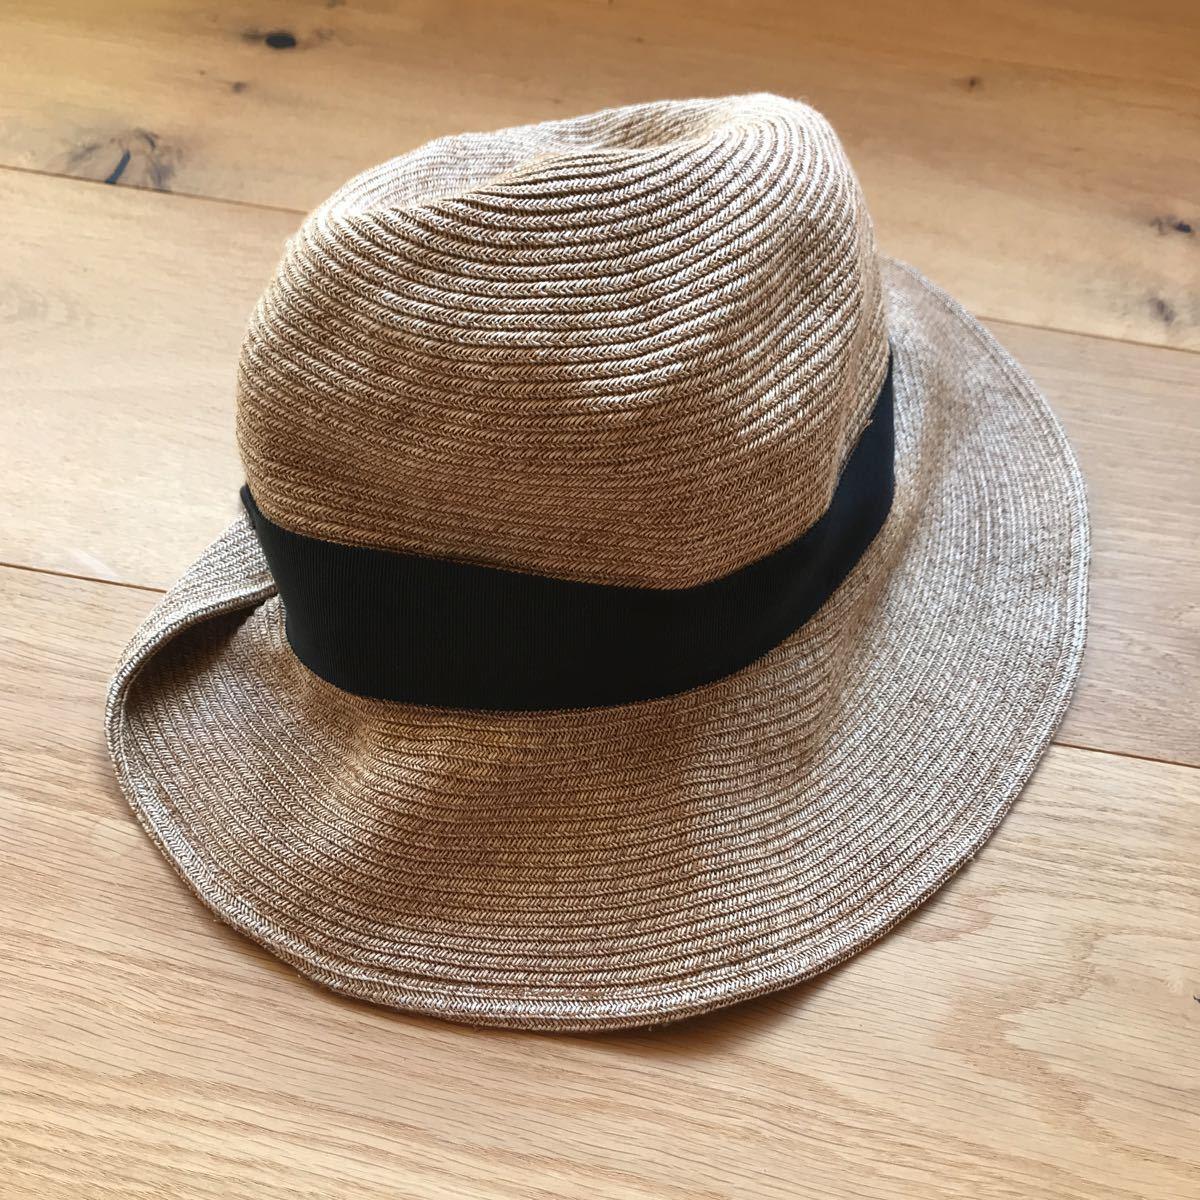 【送料無料】 Borsalino / ボルサリーノ 【帽子】 【中古】 【サイズ:58】 【レディース】